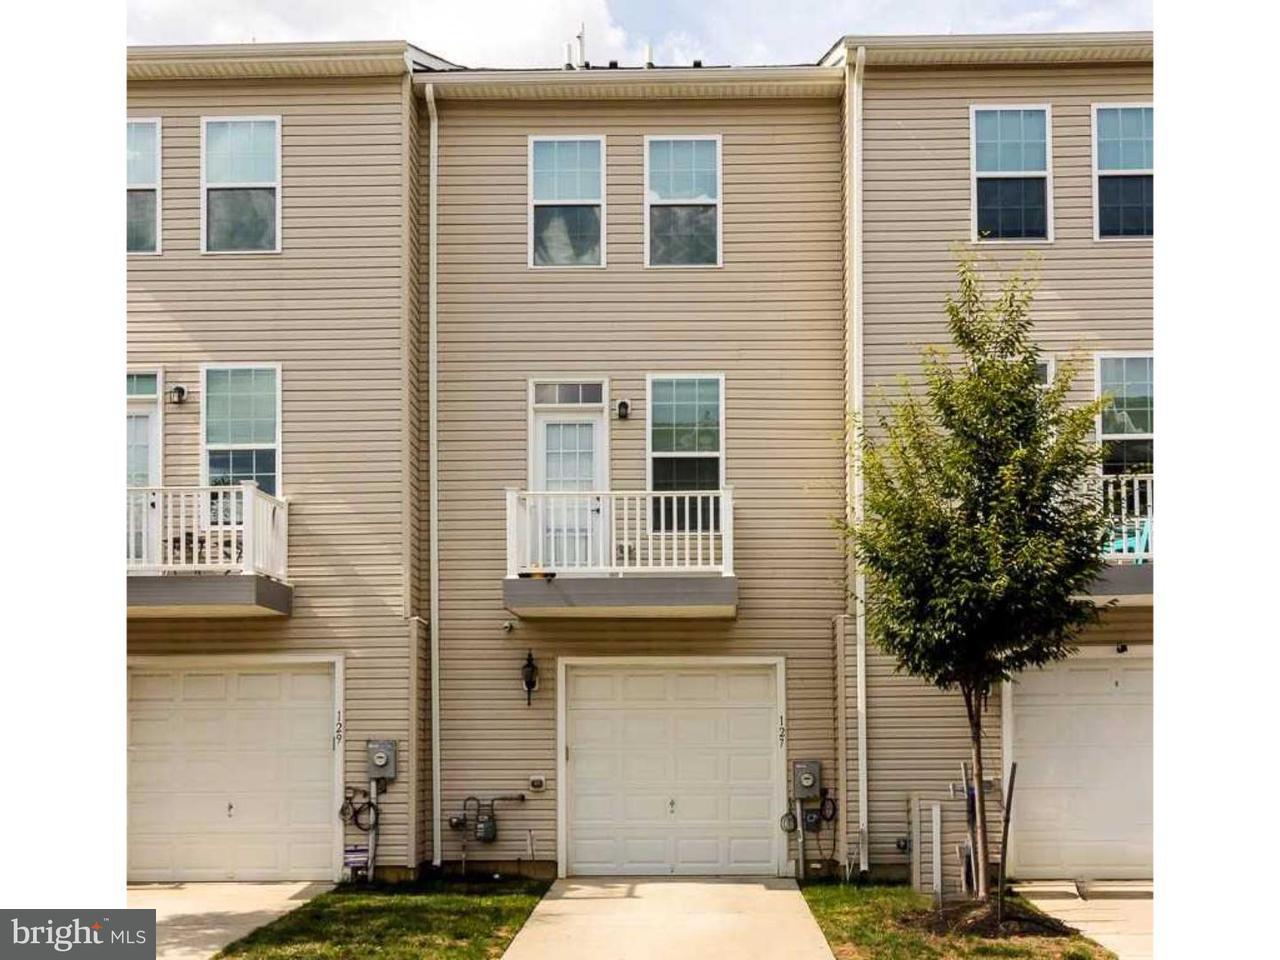 Casa unifamiliar adosada (Townhouse) por un Alquiler en 127 FRANKLIN Circle Somerdale, Nueva Jersey 08083 Estados Unidos